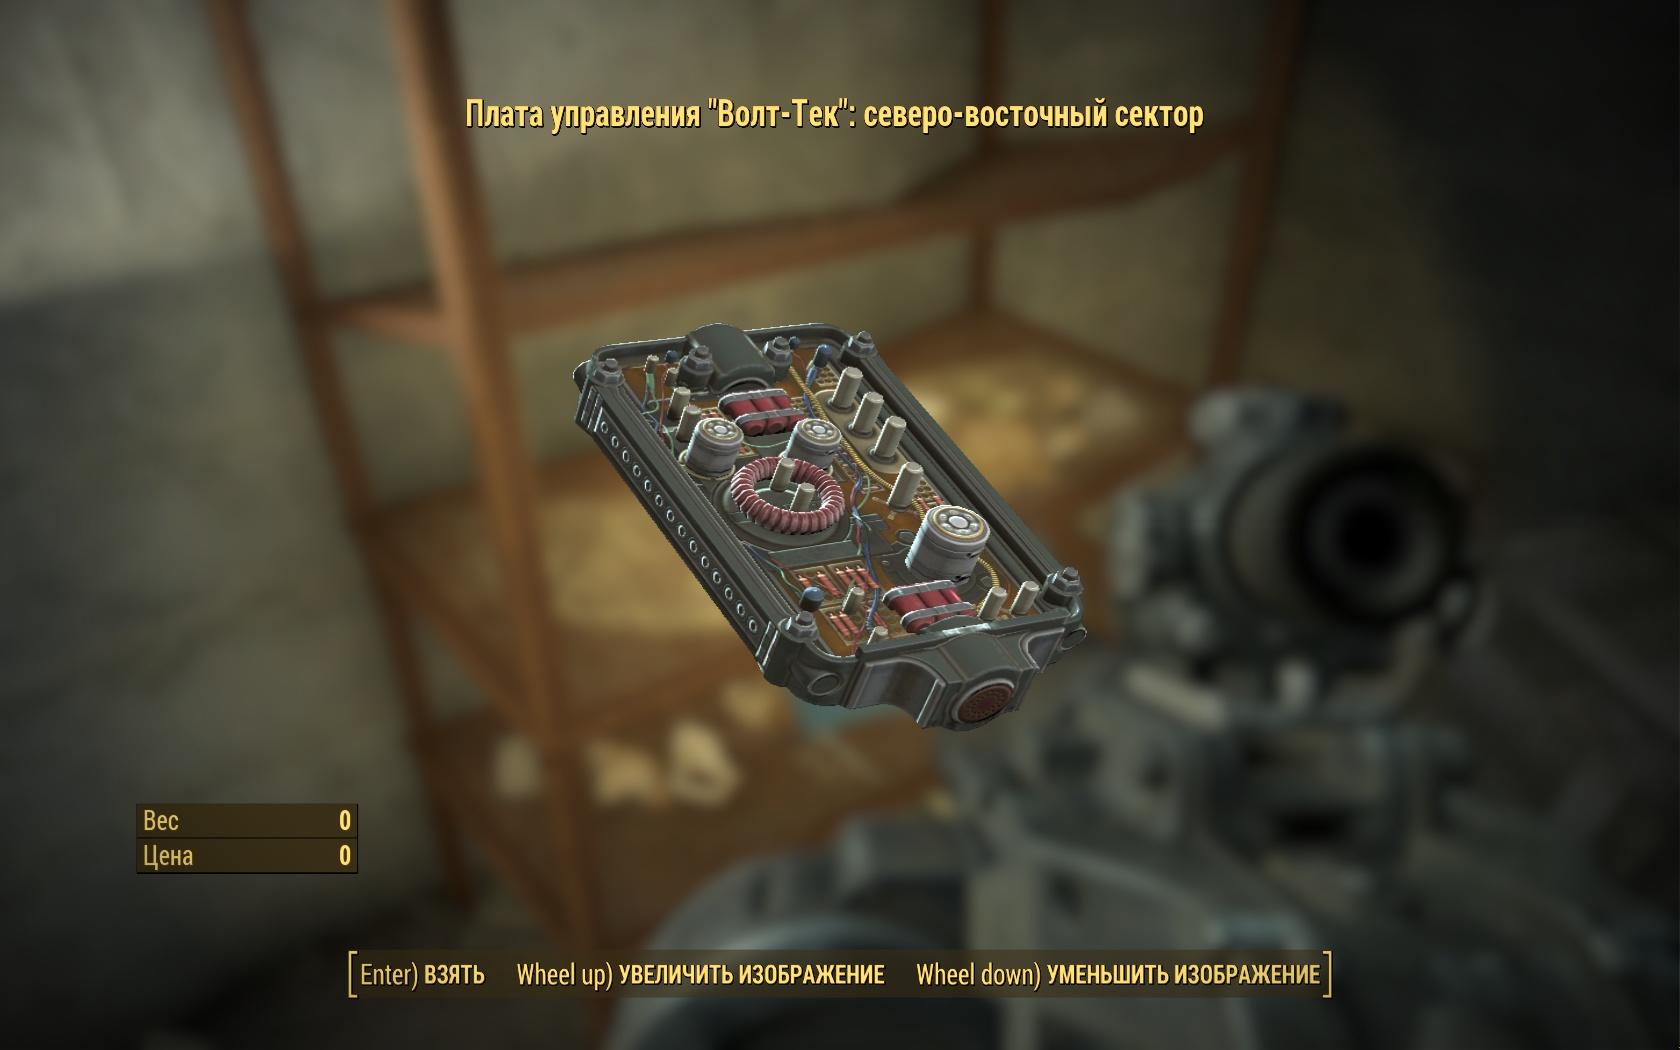 Плата управления Волт-Тек - северо-восточный сектор (Убежище 88) - Fallout 4 Волт-Тек, Плата, Плата управления Волт-Тек, Убежище, Убежище 88